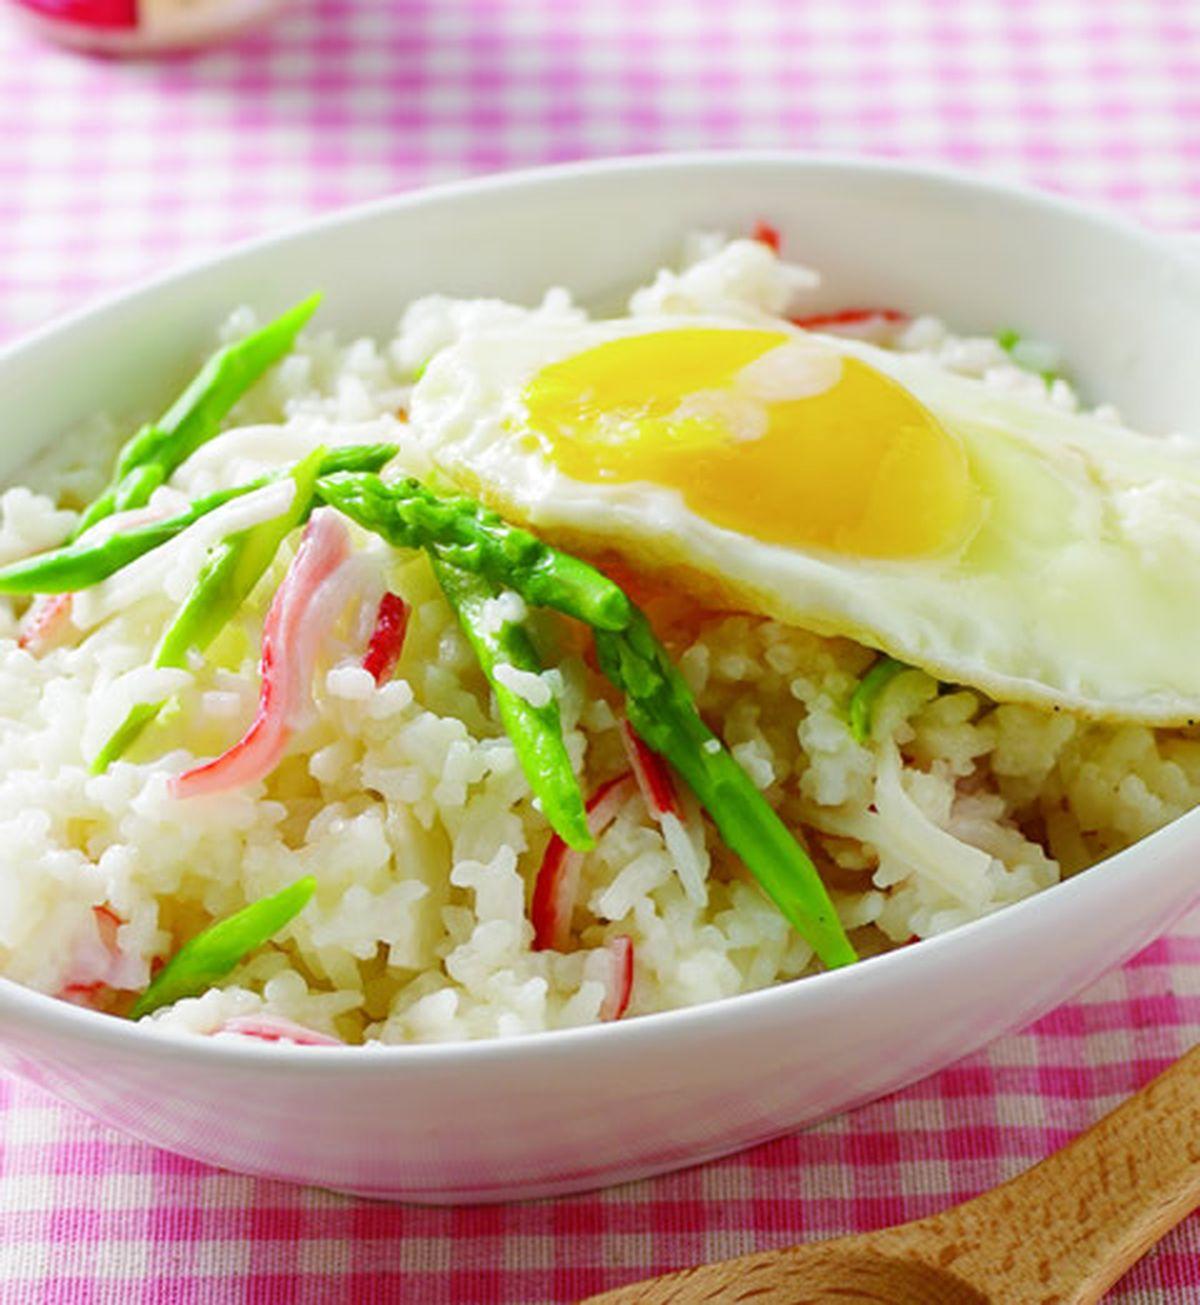 食譜:蘆筍蟹肉燉飯